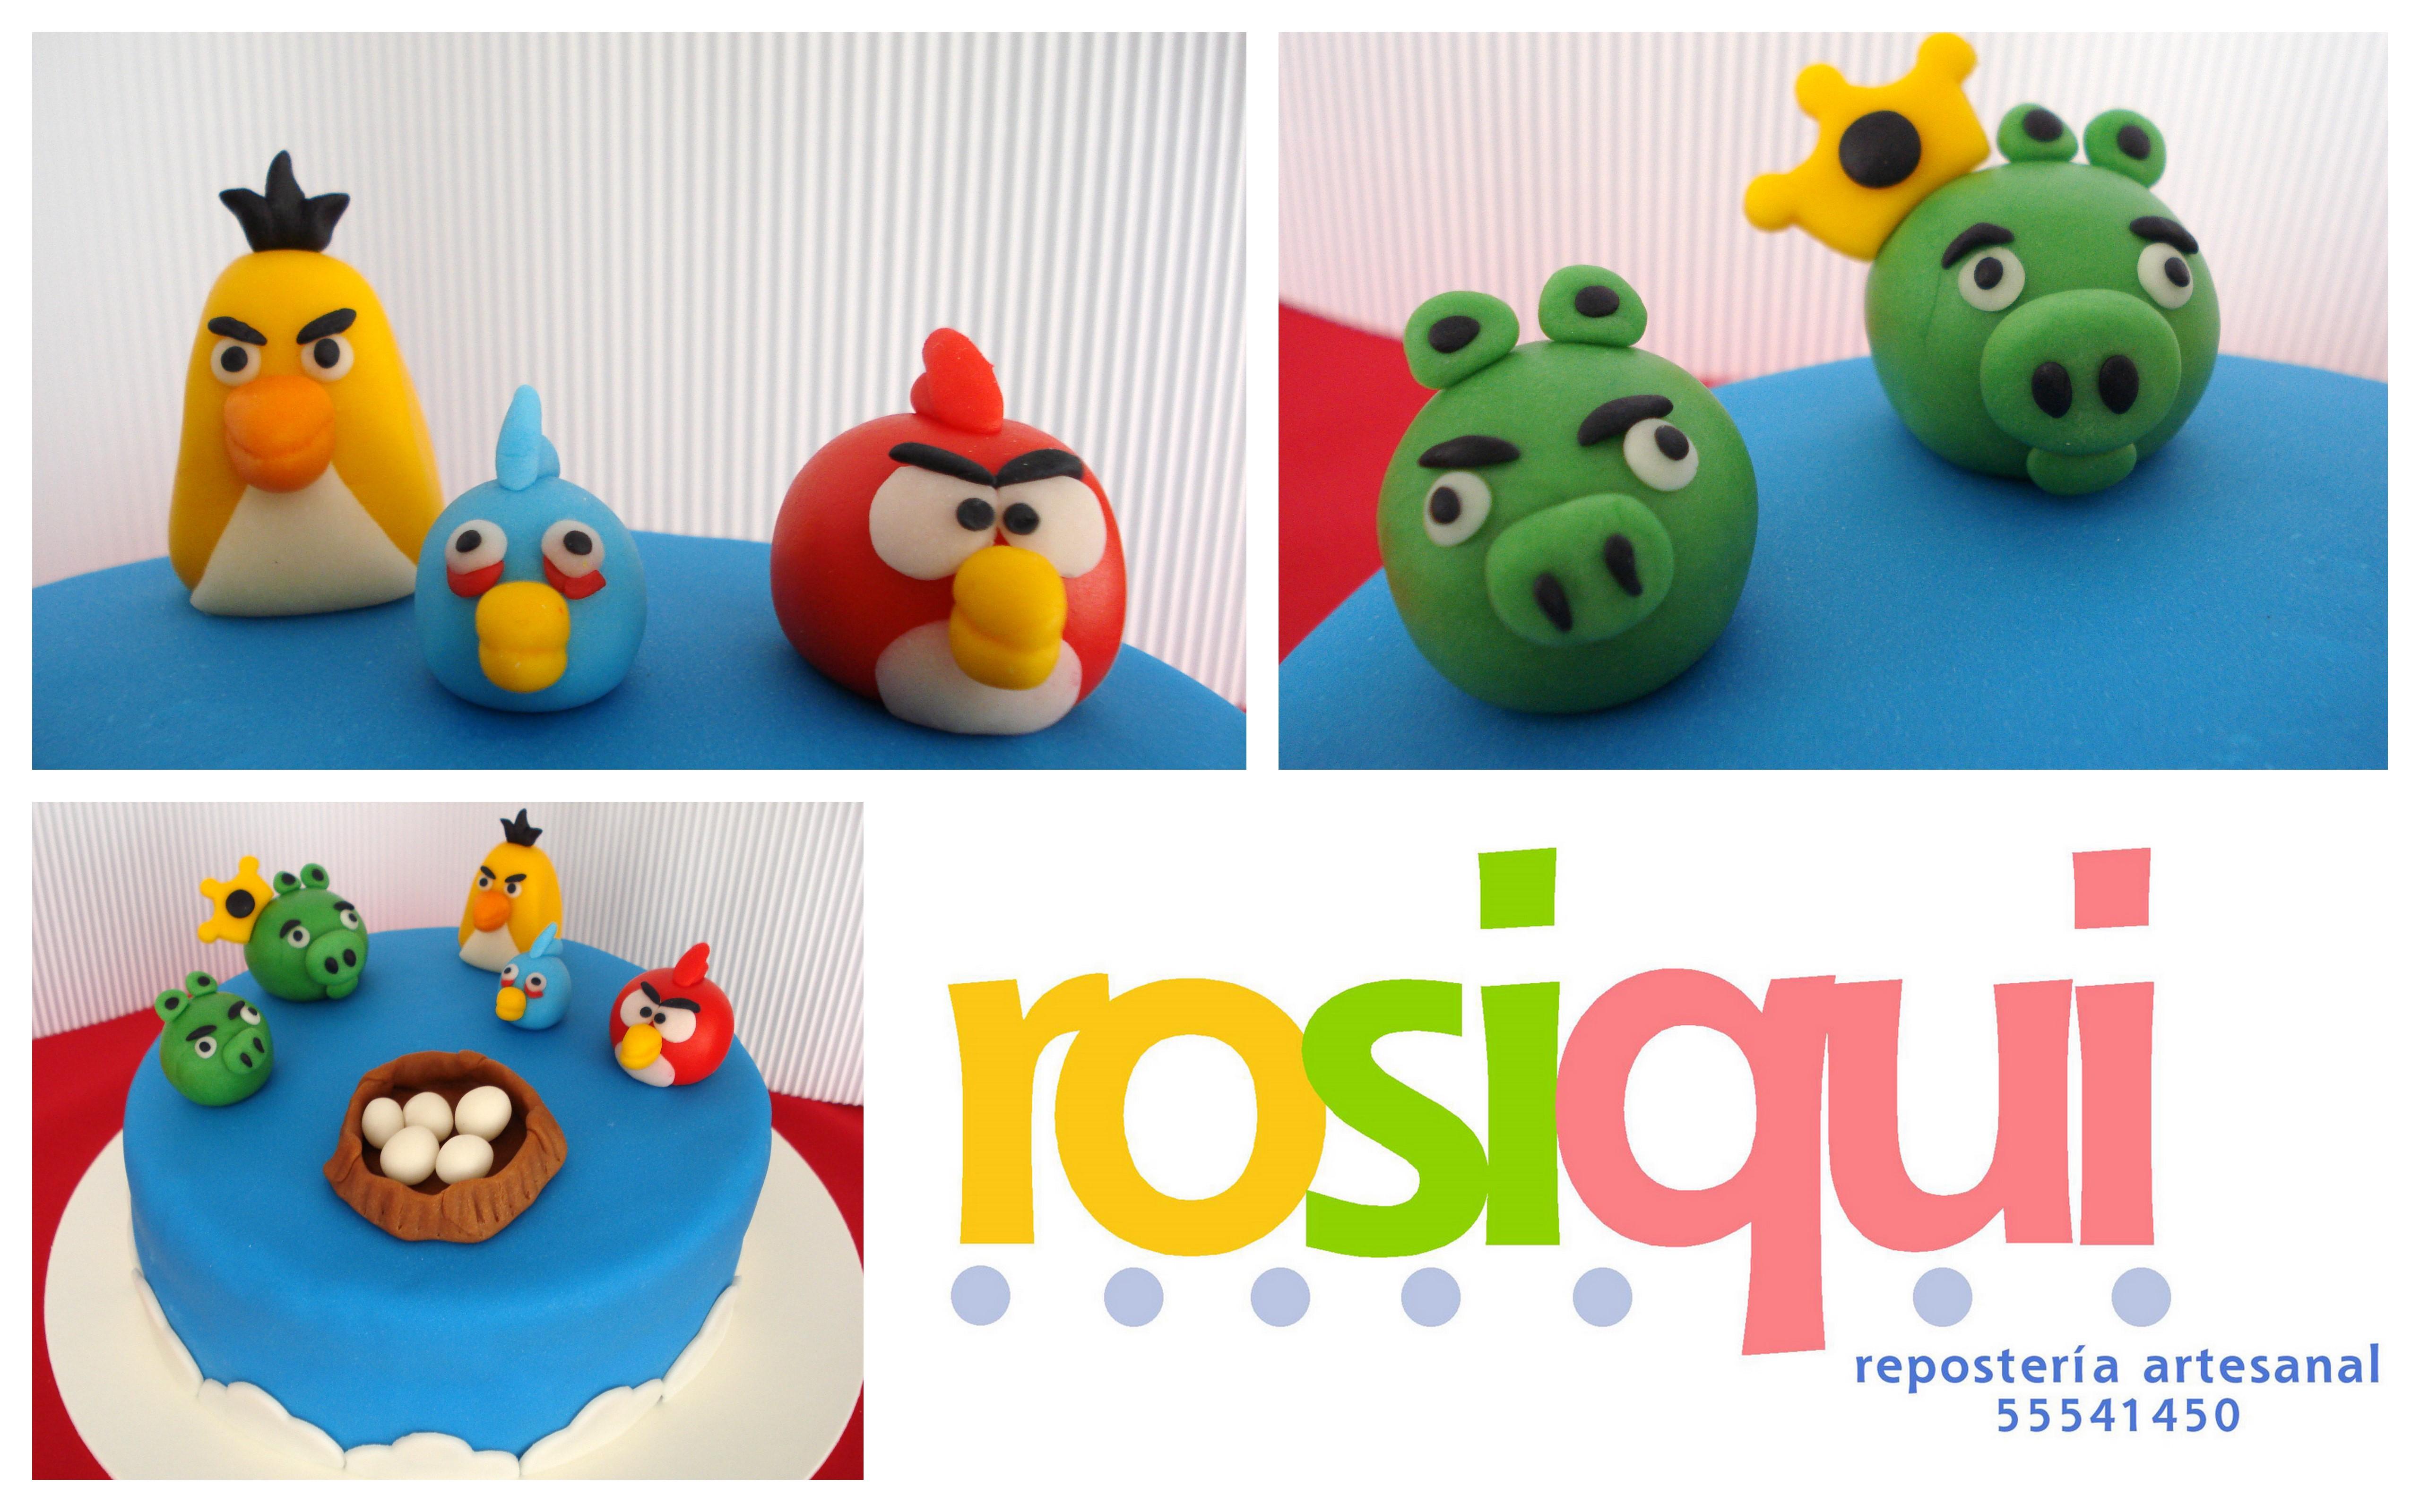 Pasteles De Fondant Pasteles De Fondant Angry Birds Pasteles Decorados